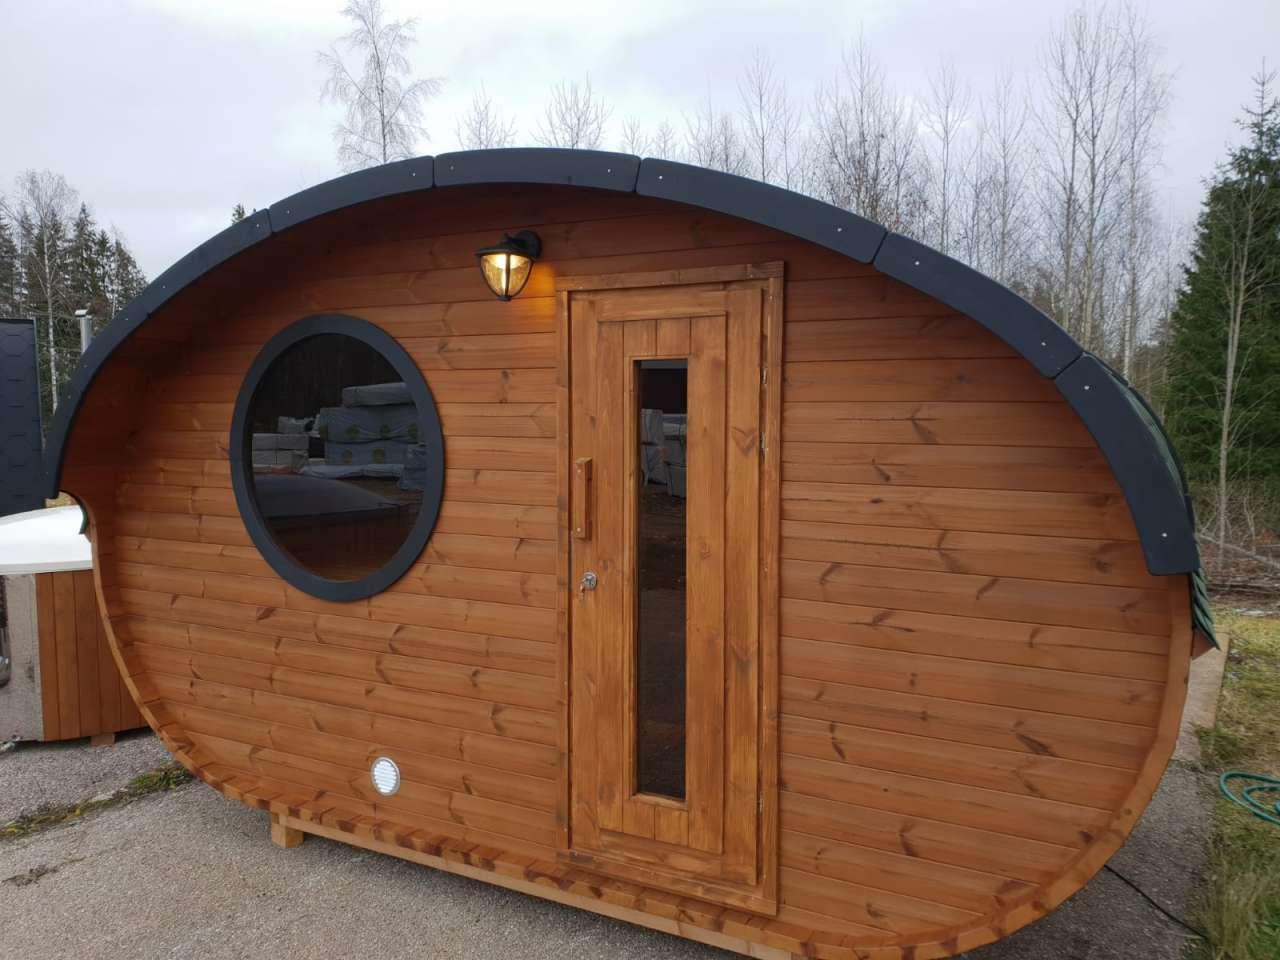 Full Size of Gartensauna Bausatz Fasssauna Deluxe 400 Oval Sauna Fder Oberklasse Wohnzimmer Gartensauna Bausatz